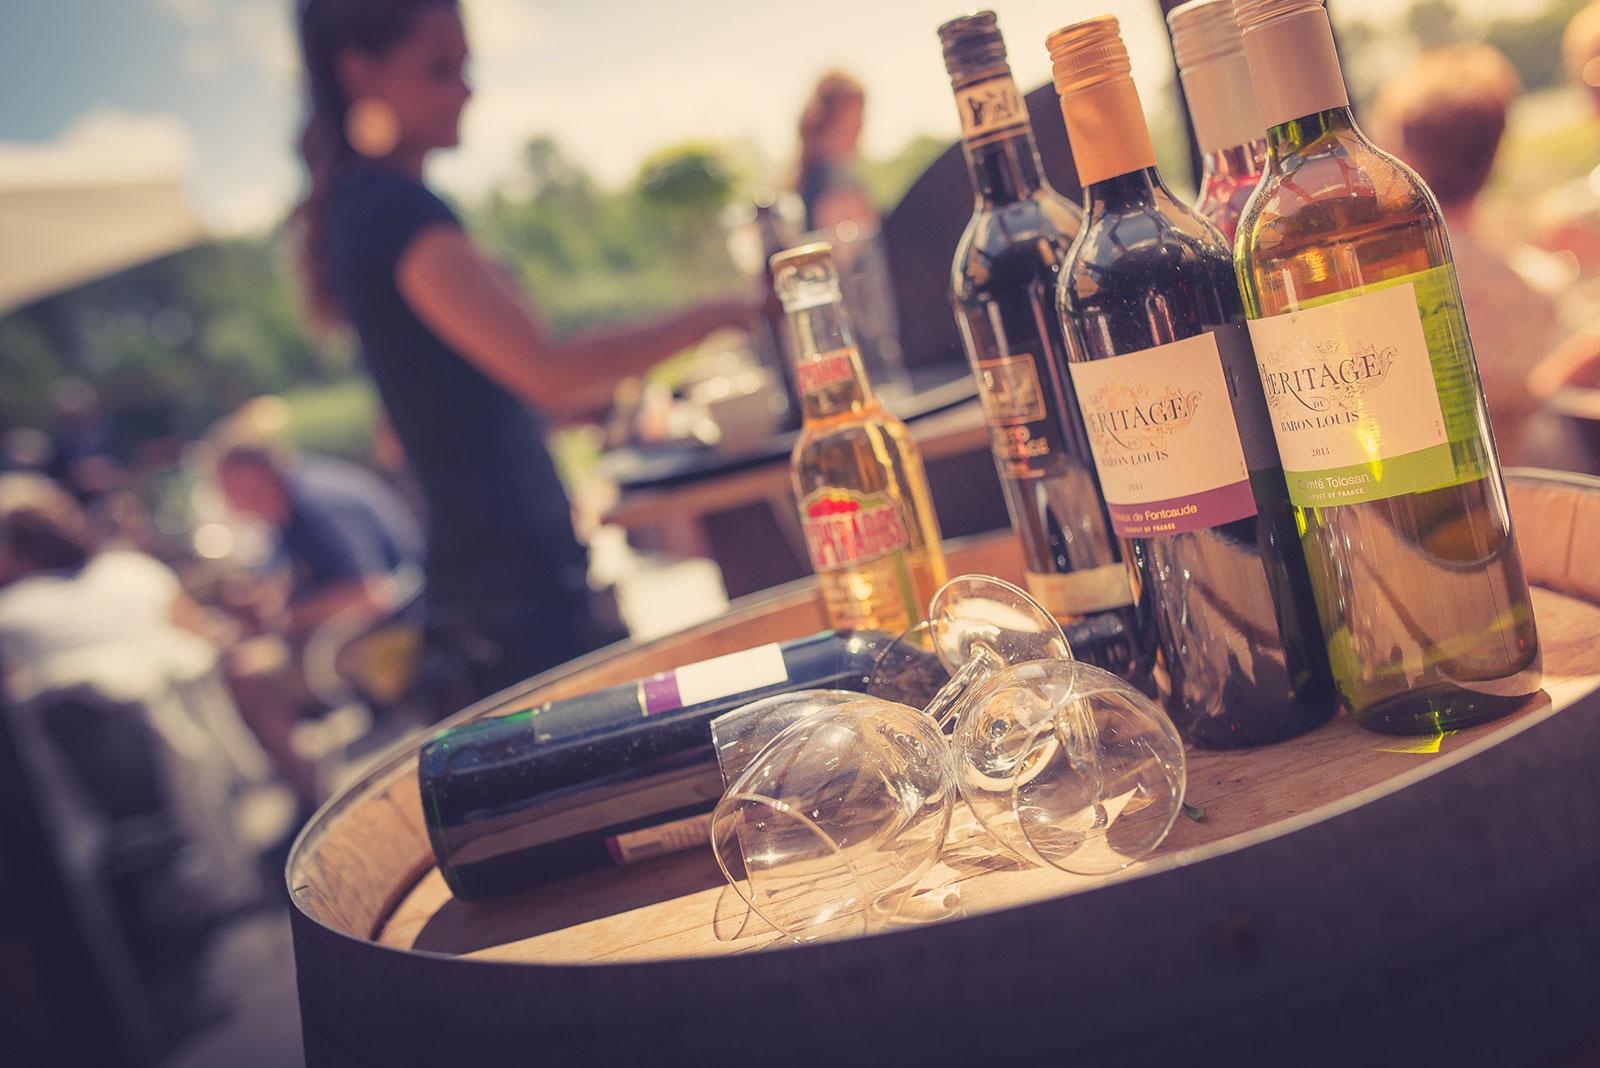 Wijnflessen en glazen op een zomerse dag